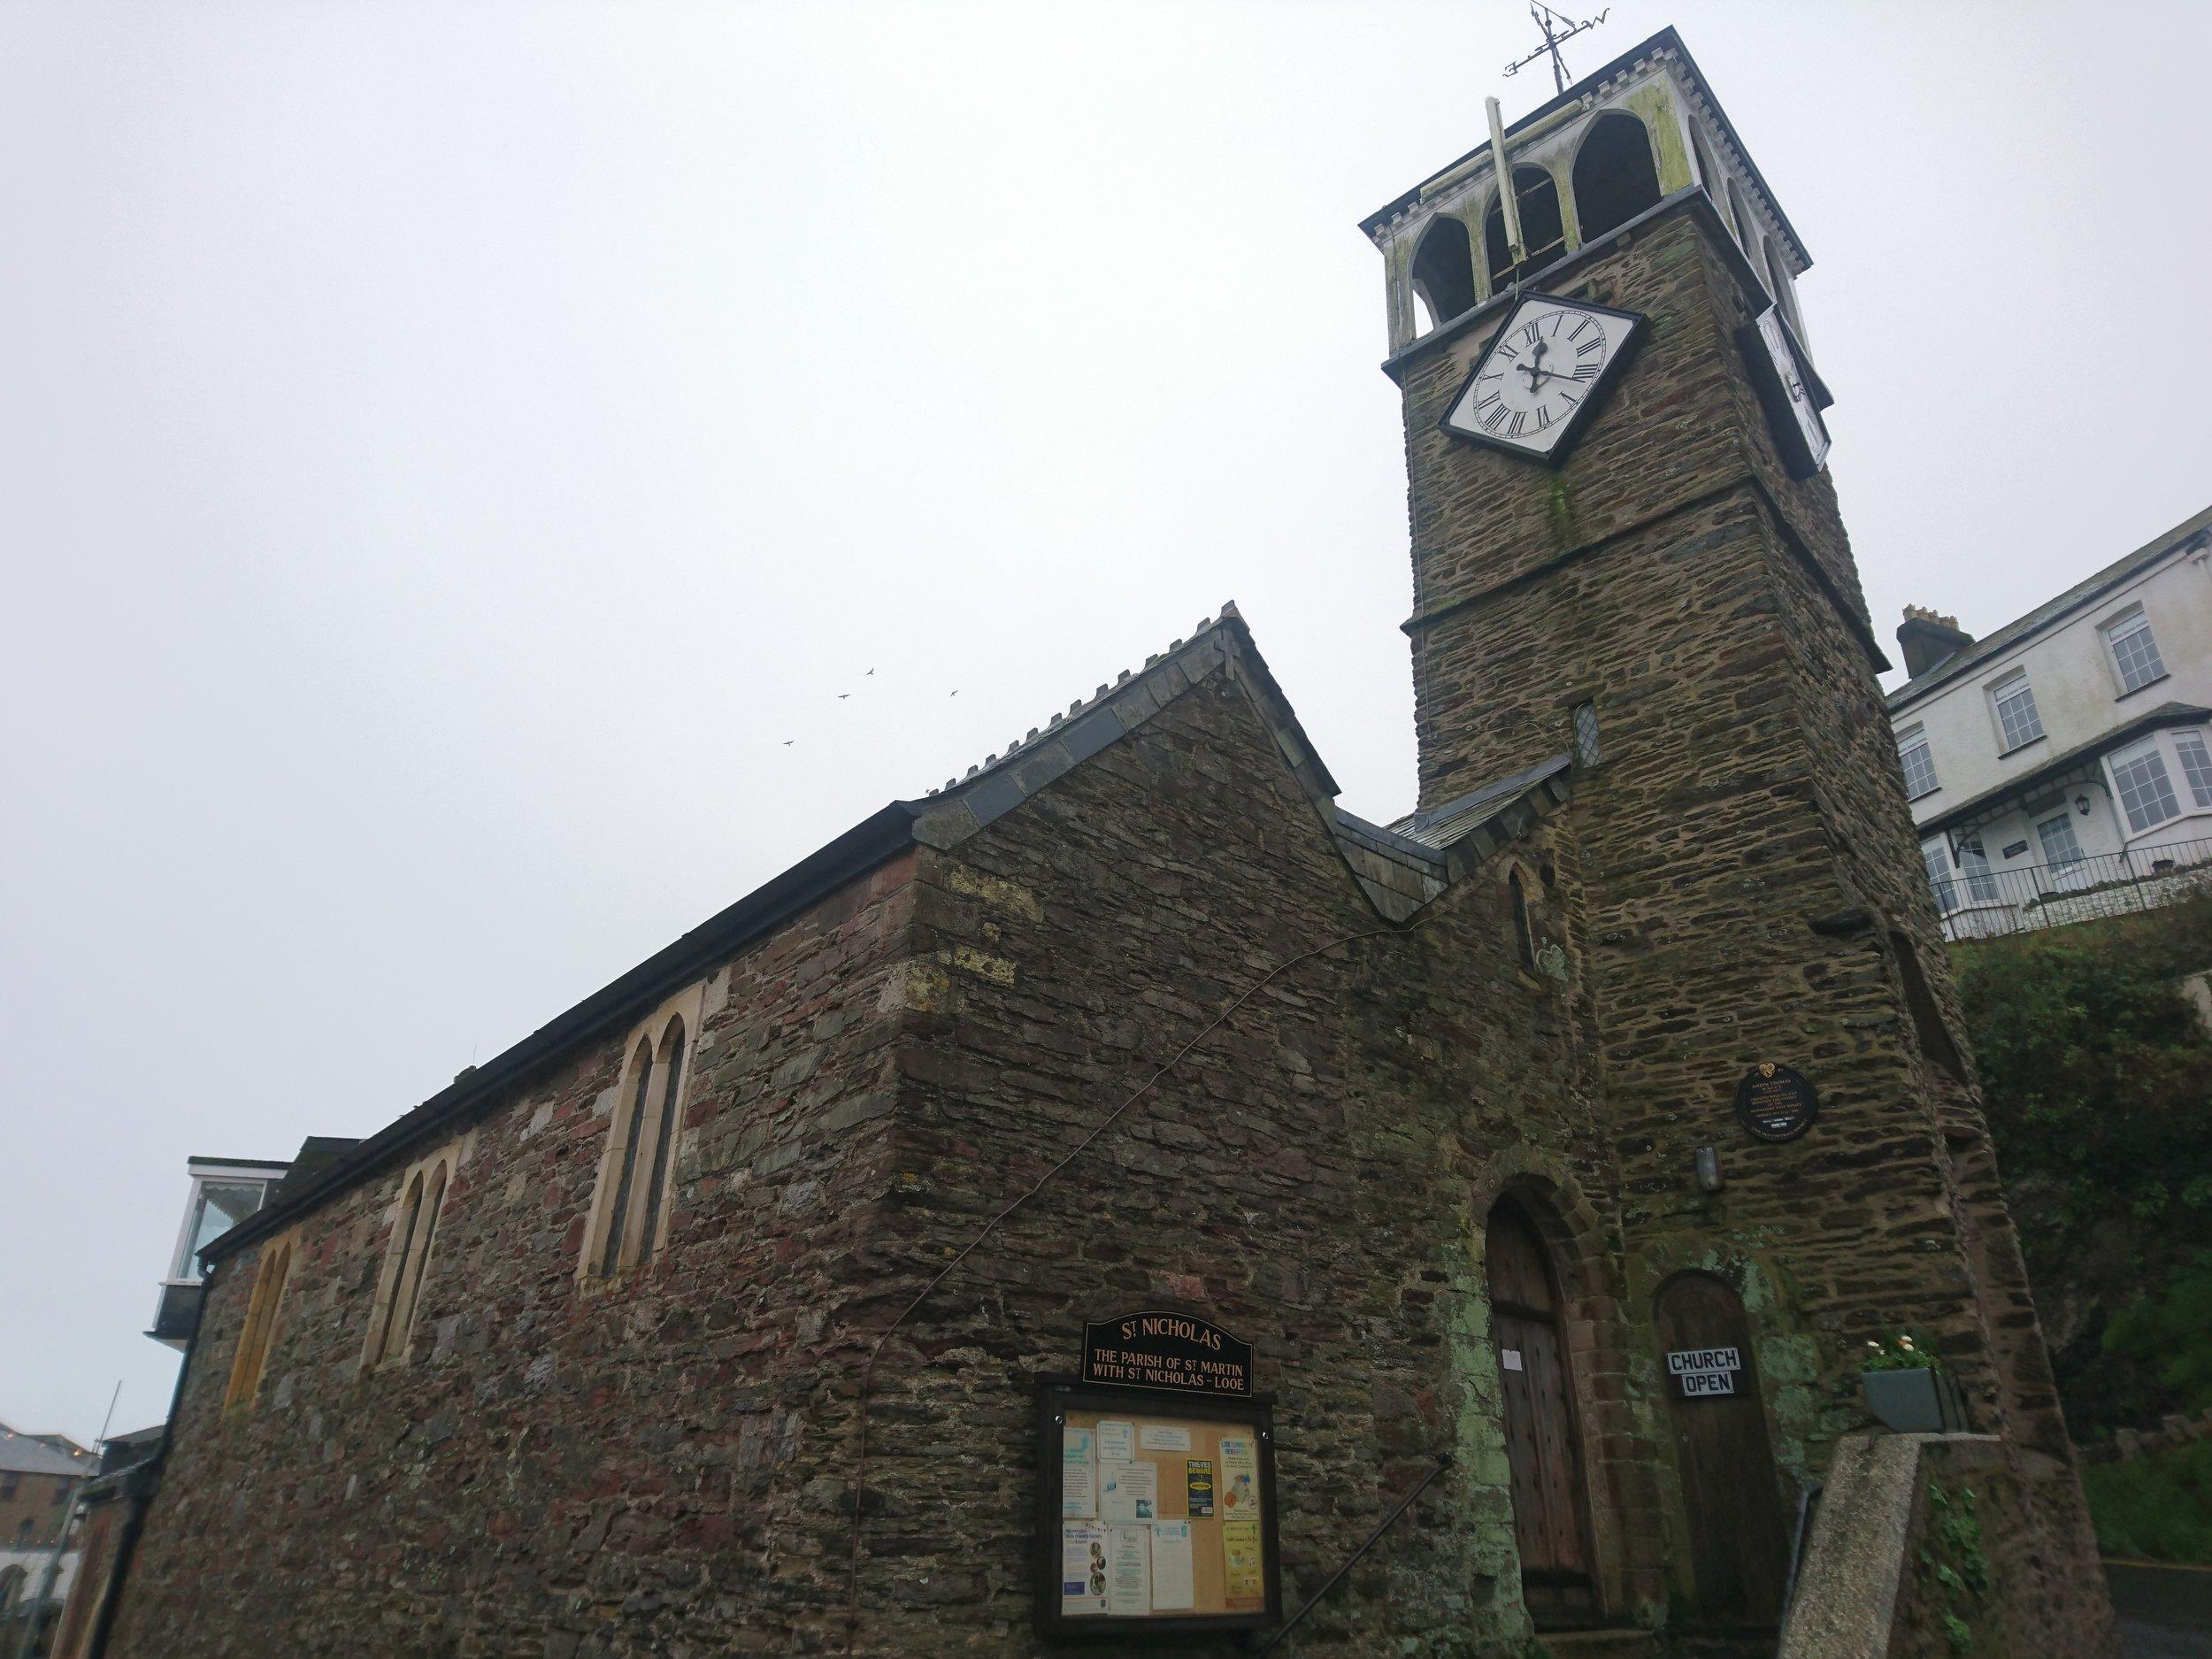 Church in Looe